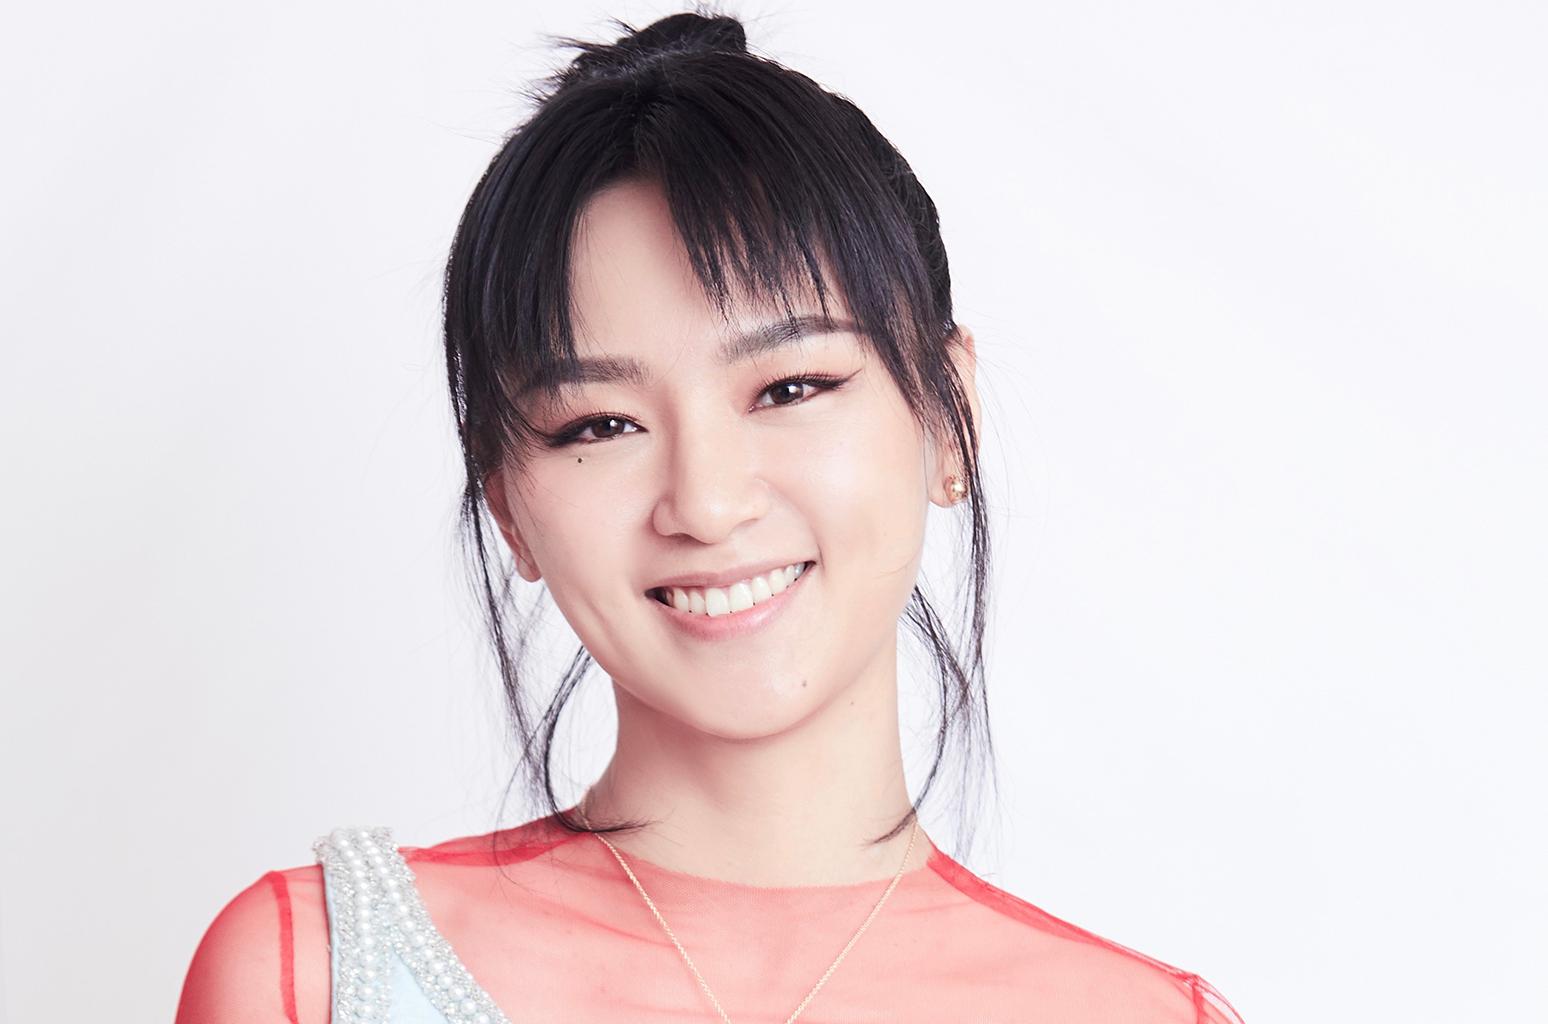 Bibi Zhou